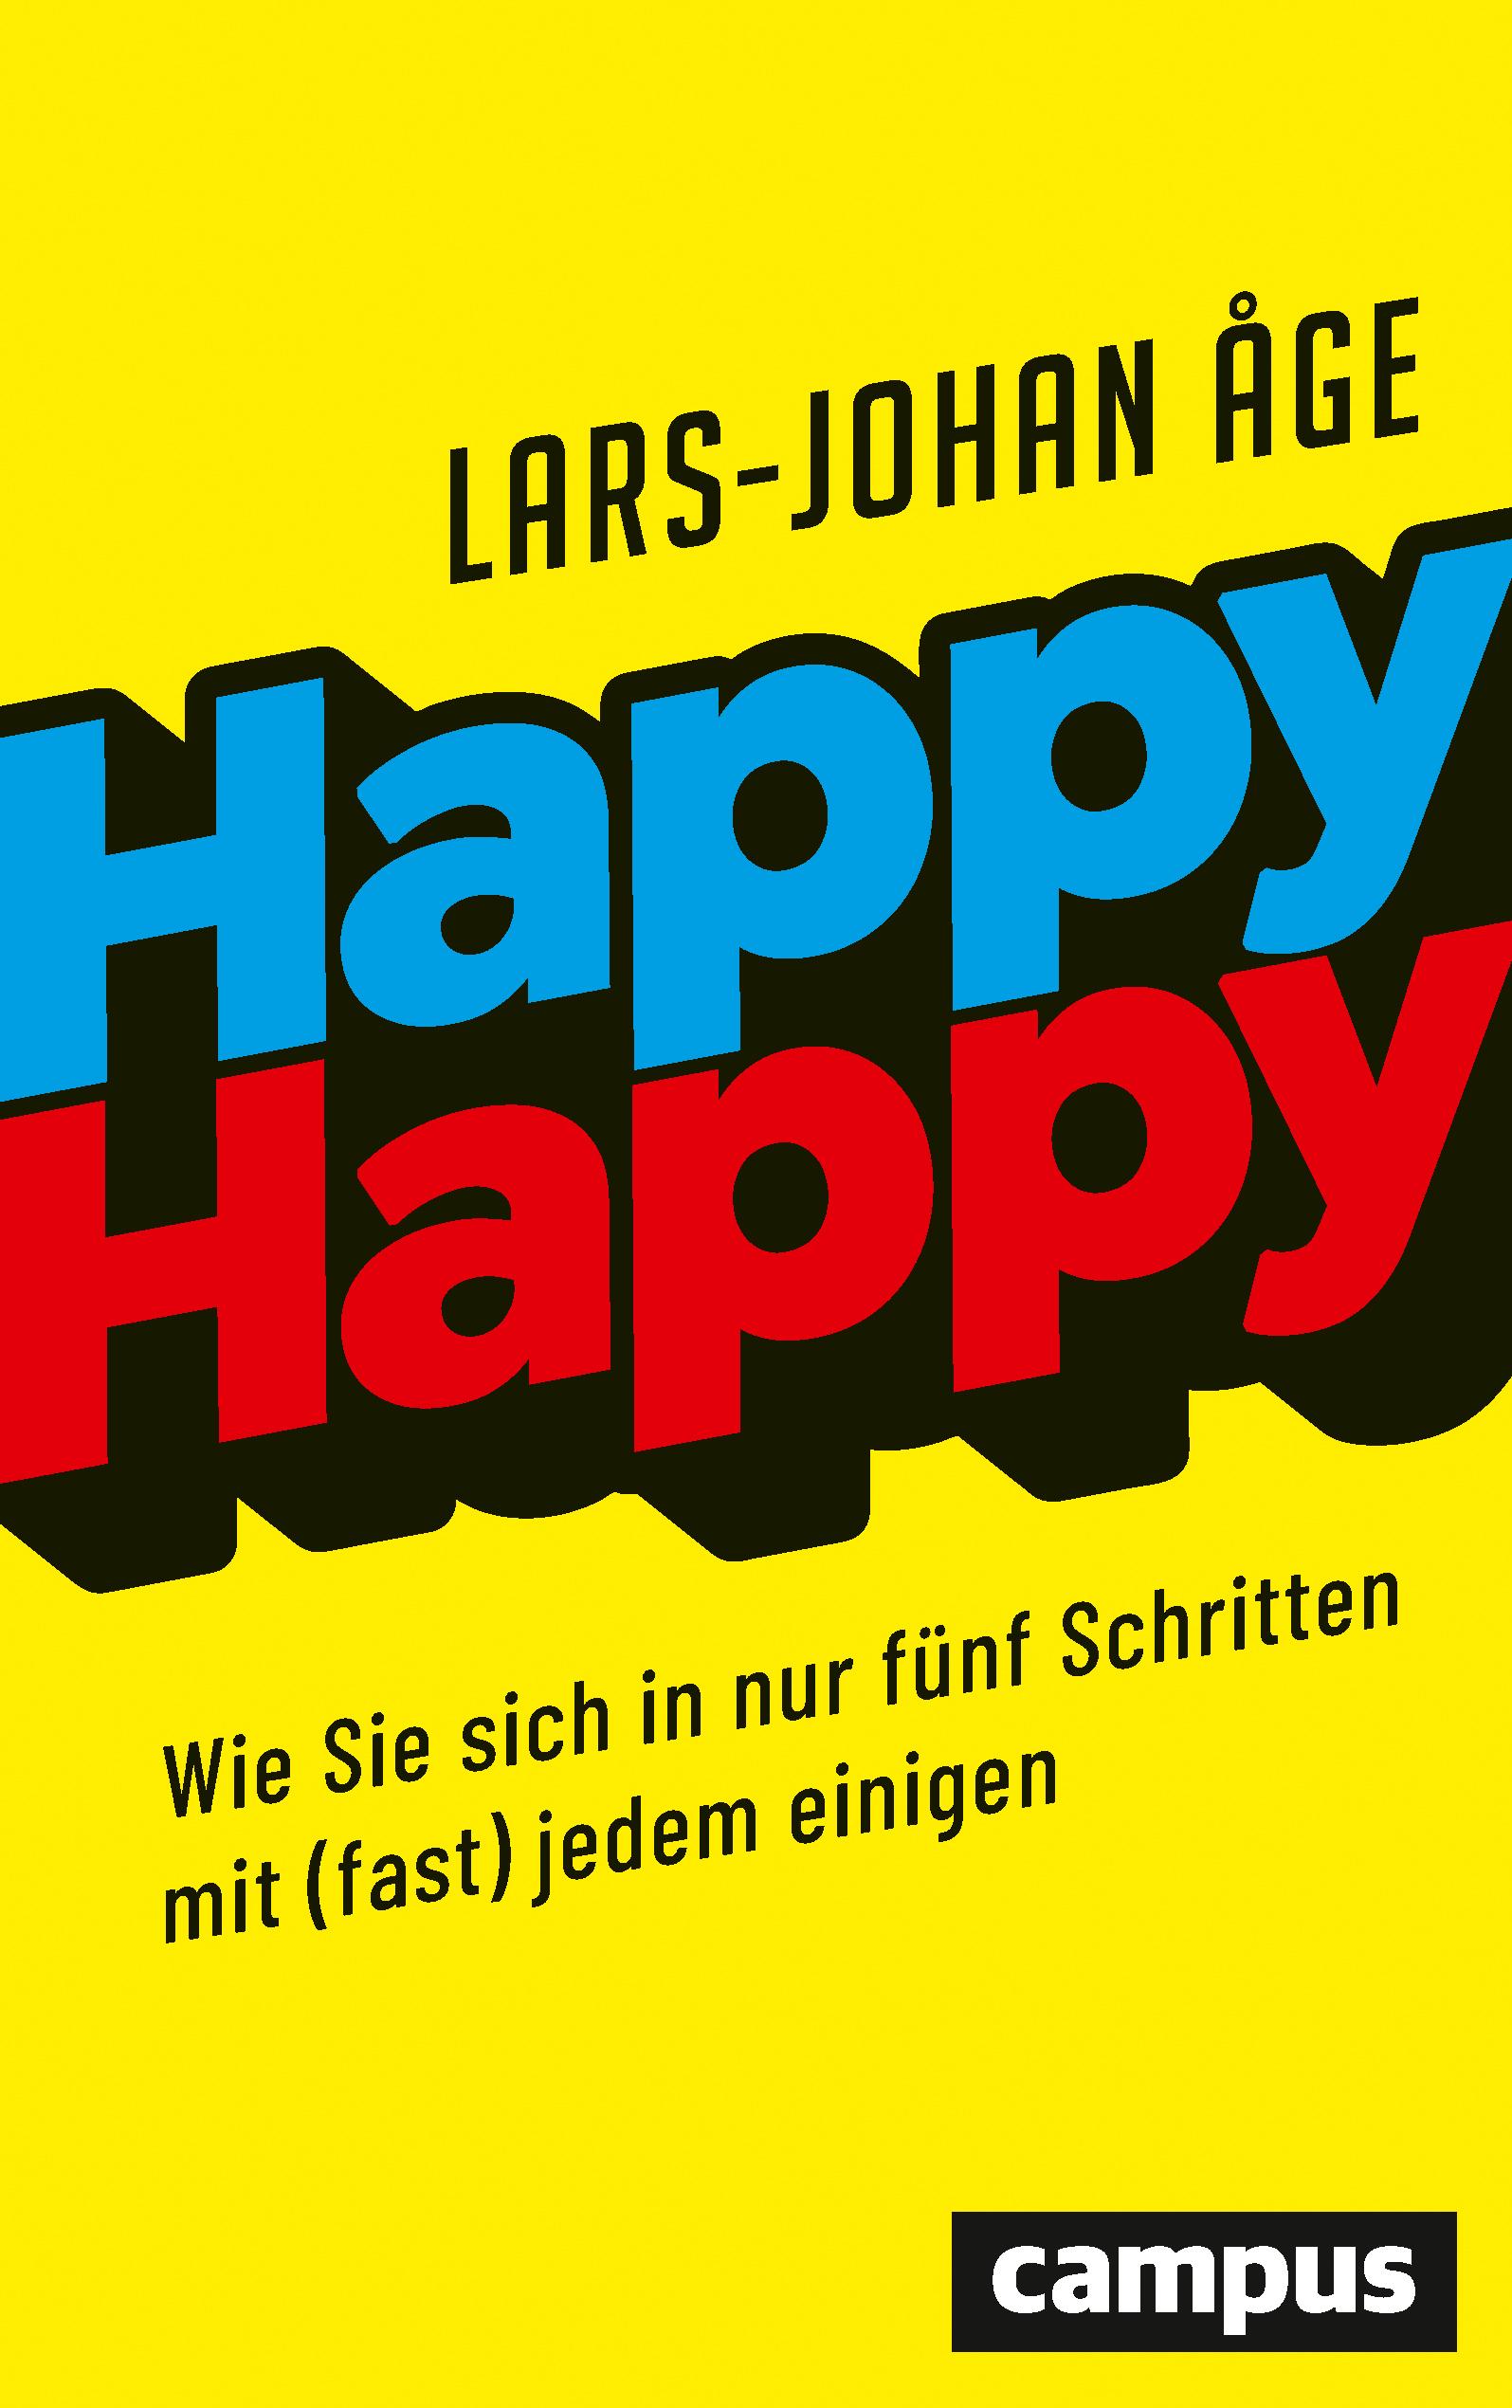 Das ist das Buchcover von Happy-happy, blau-rote Schrift auf gelbem Hintergrund. Autor: Lars-Johan Age.